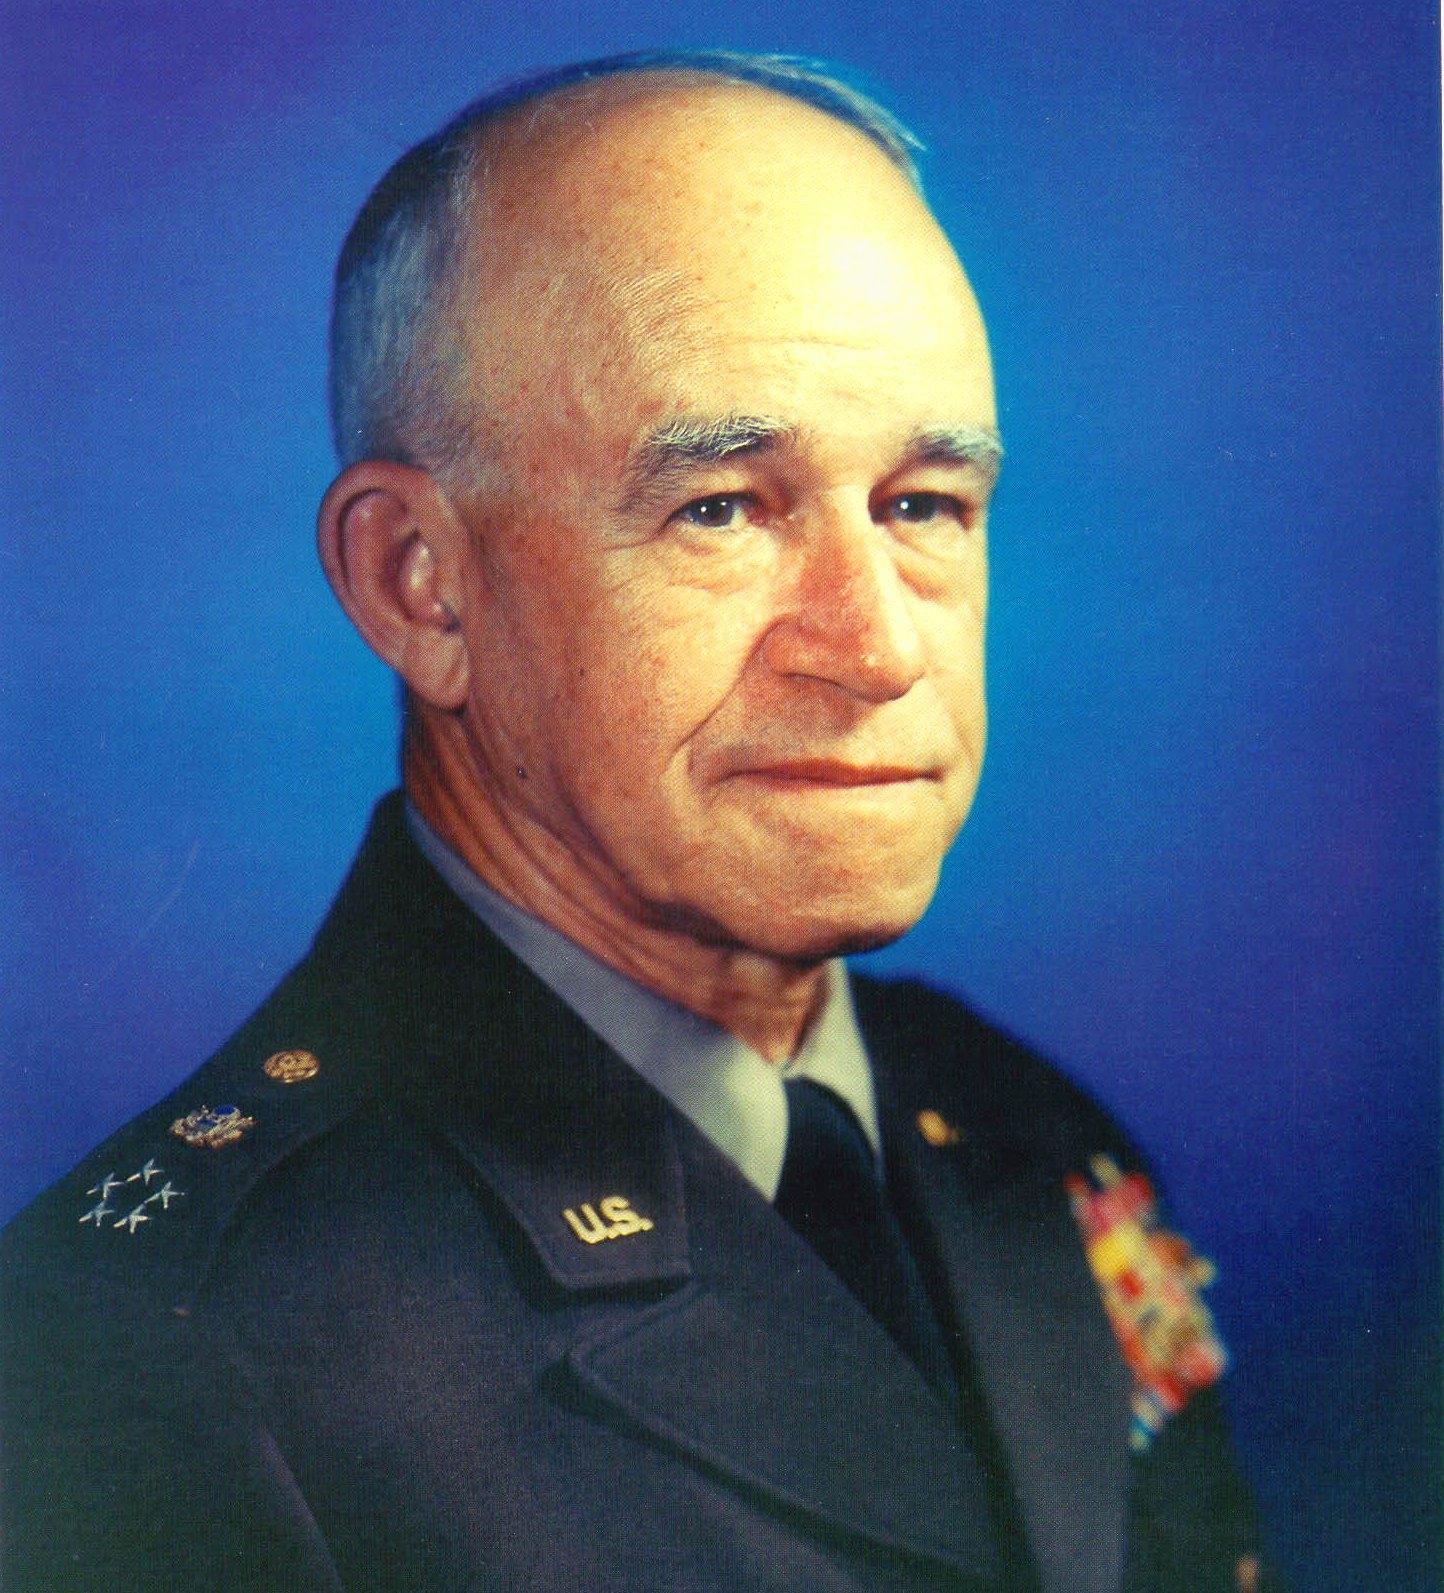 General_of_the_Army_Omar_Bradley_%28crop%29.jpg